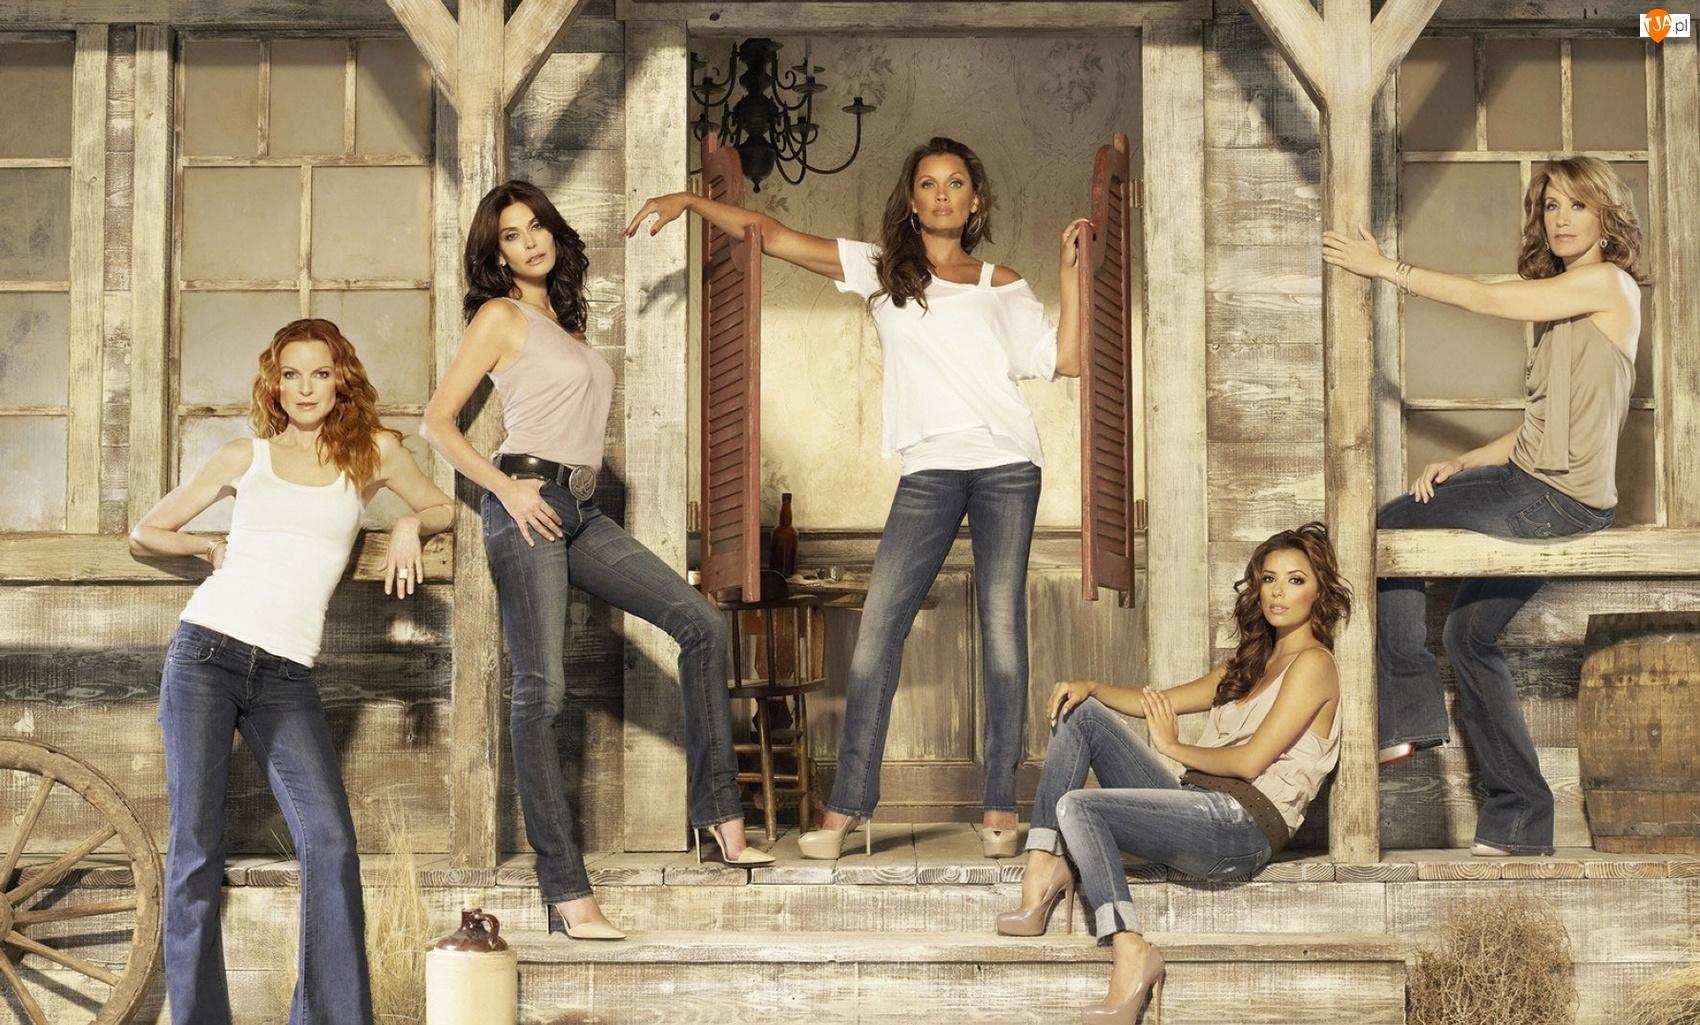 Gotowe na wszystko, Desperate Housewives, Felicity Huffman, Serial, Marcia Cross, Teri Hatcher, Eva Longoria